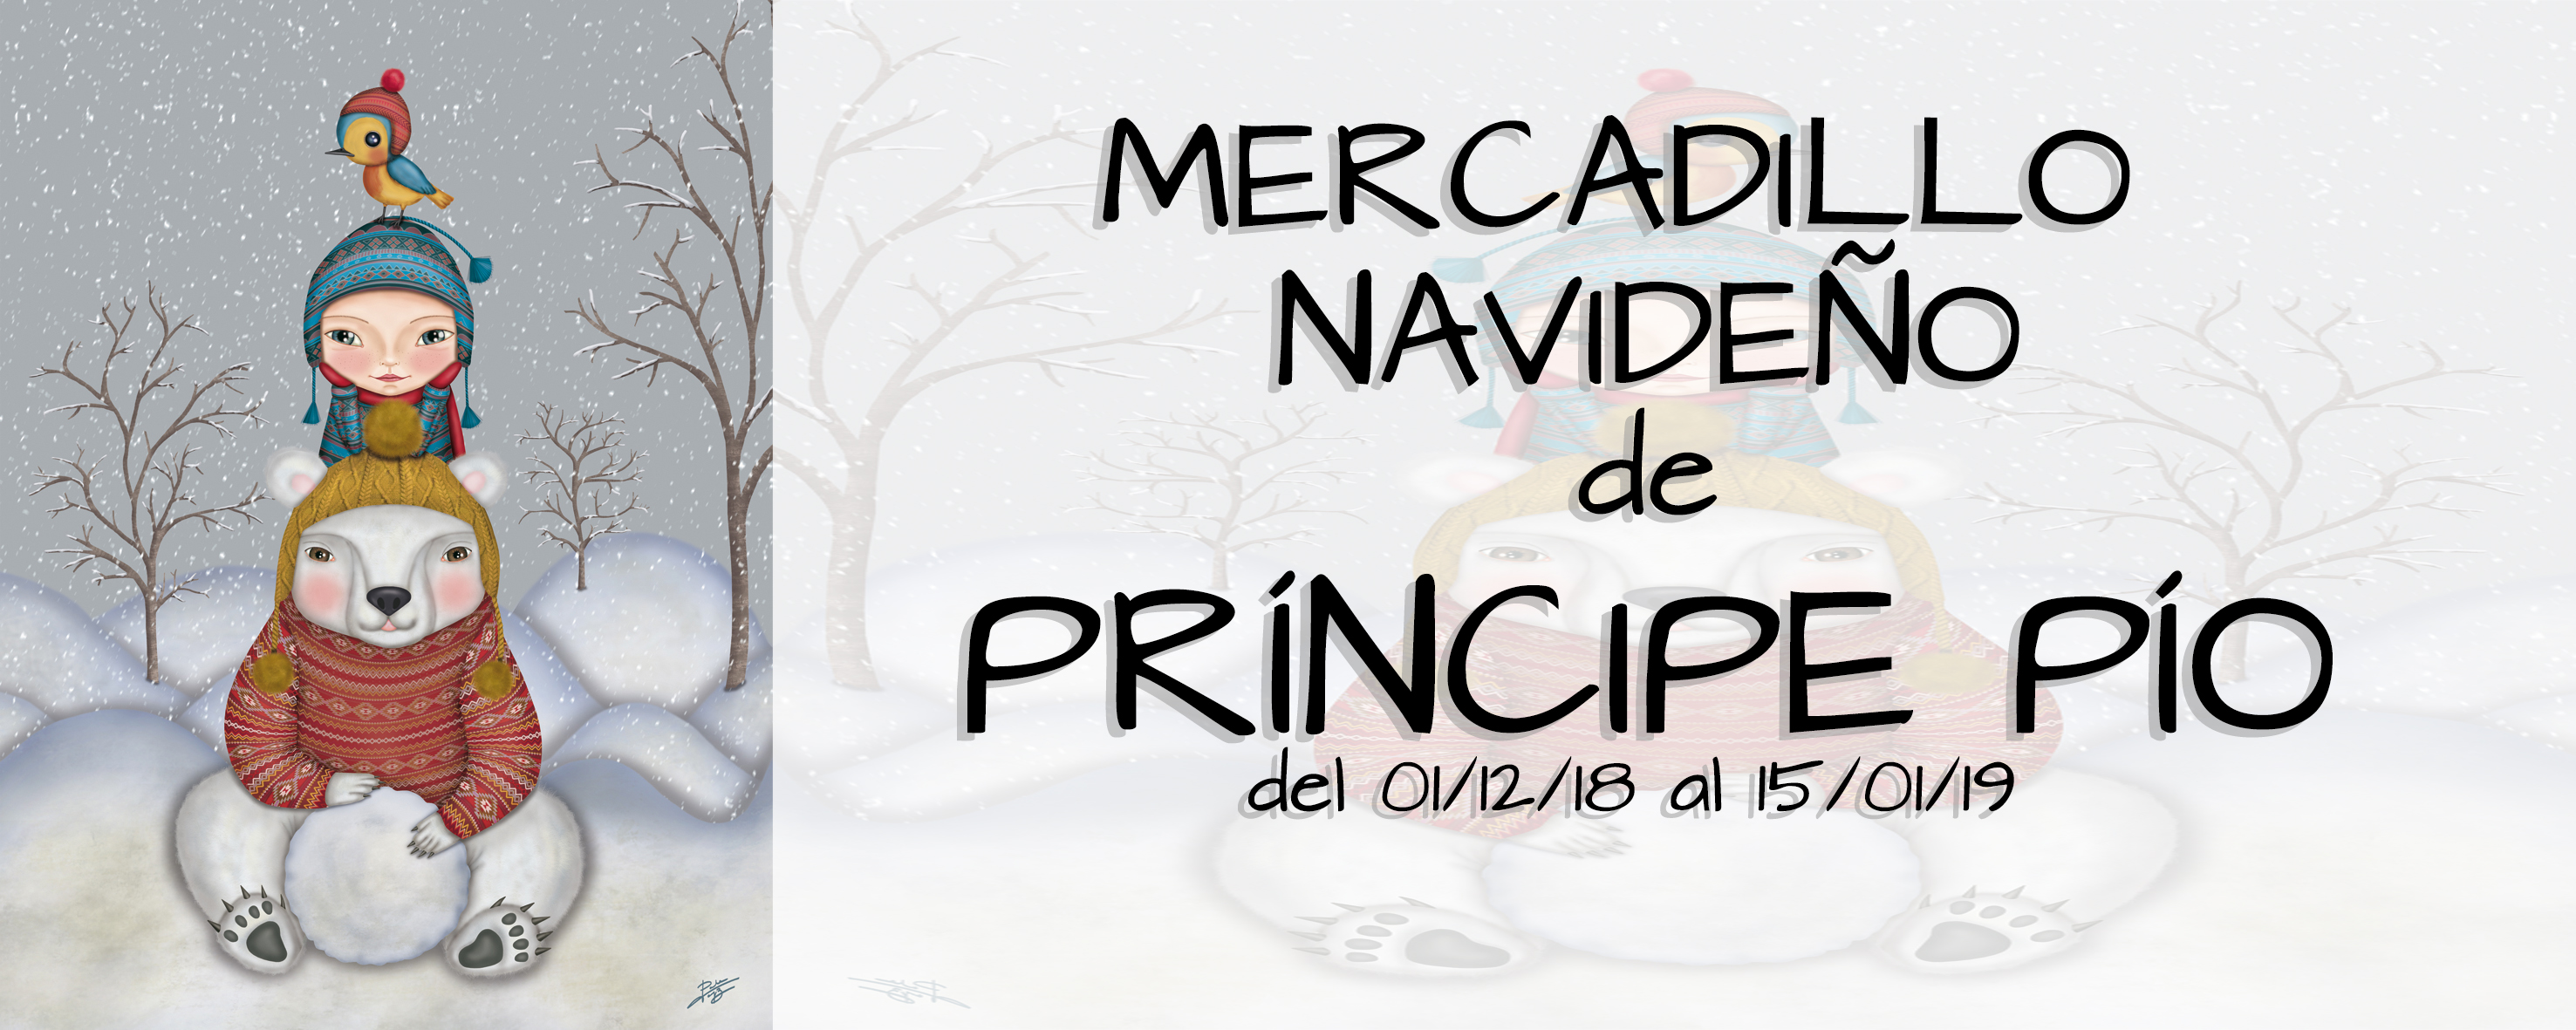 Porque sueño… estas Navidades en Príncipe Pío!!!